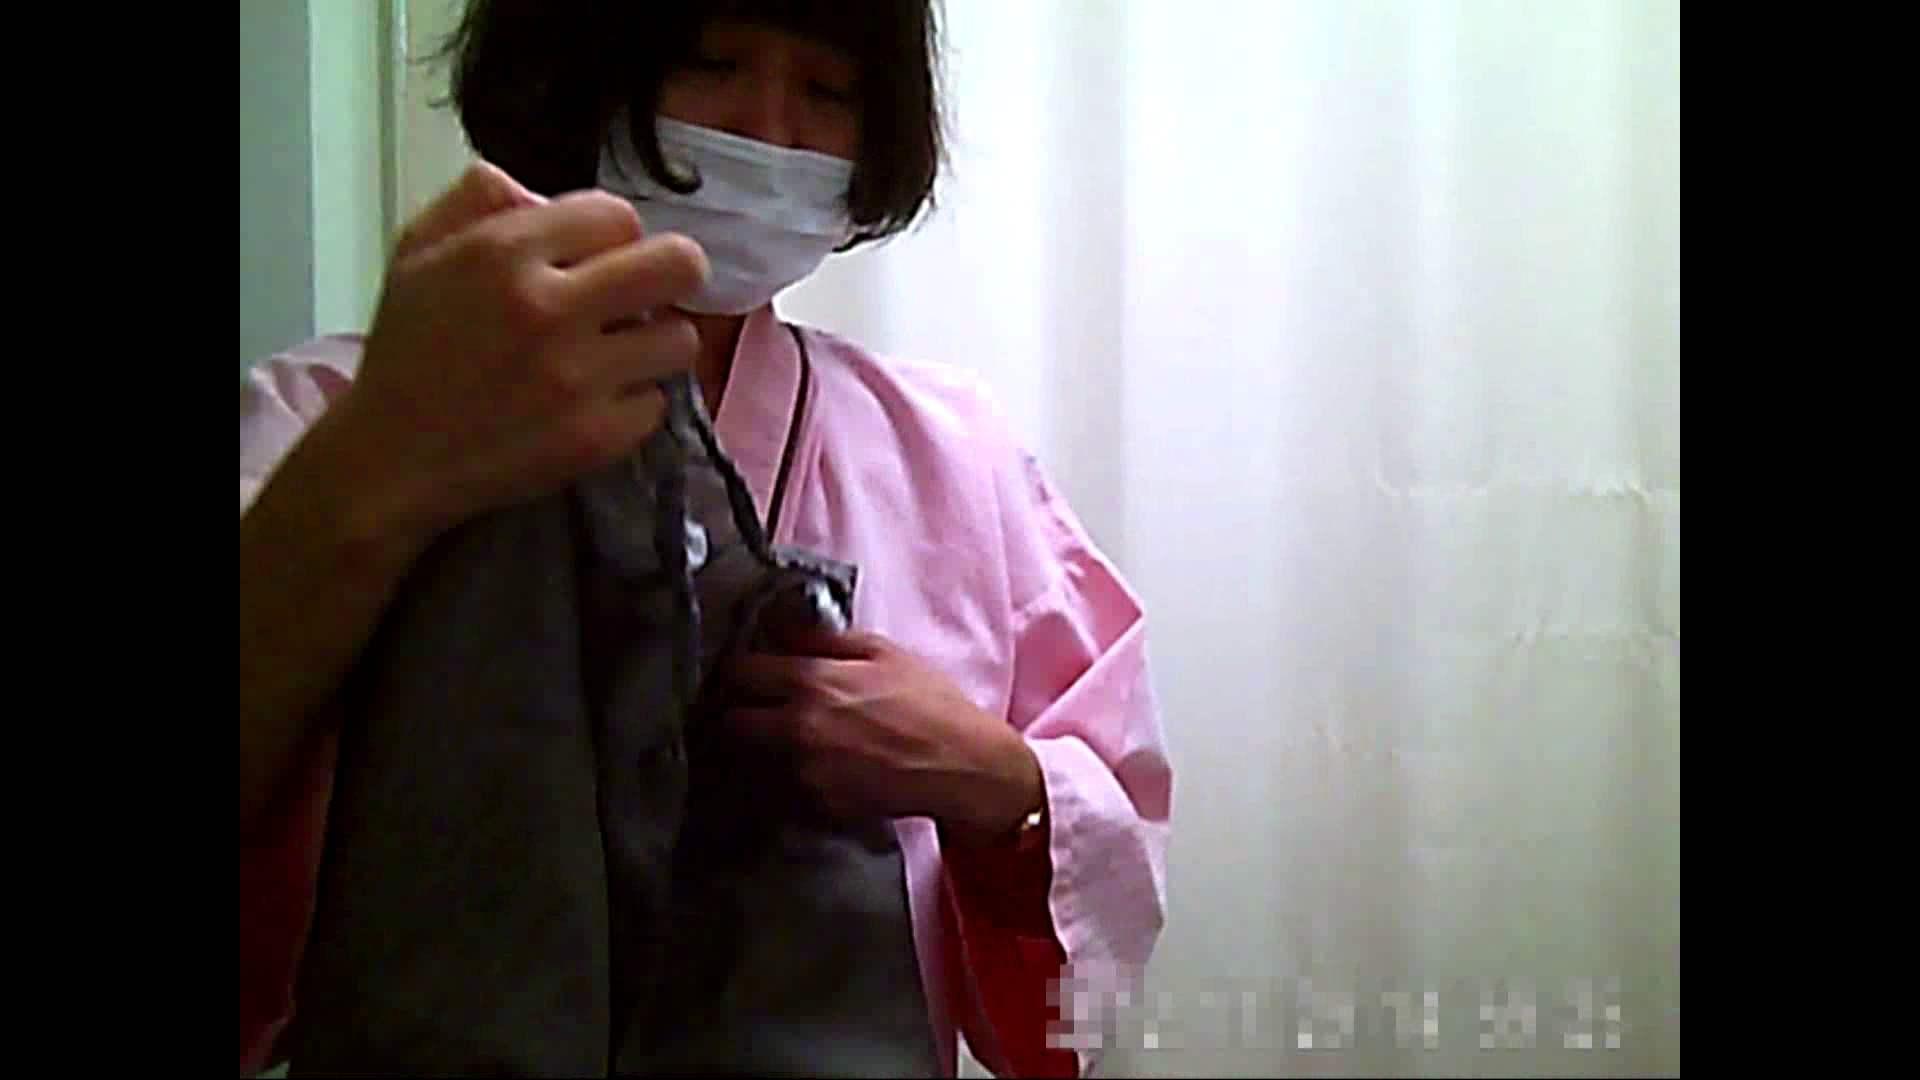 元医者による反抗 更衣室地獄絵巻 vol.132 OL  65pic 6